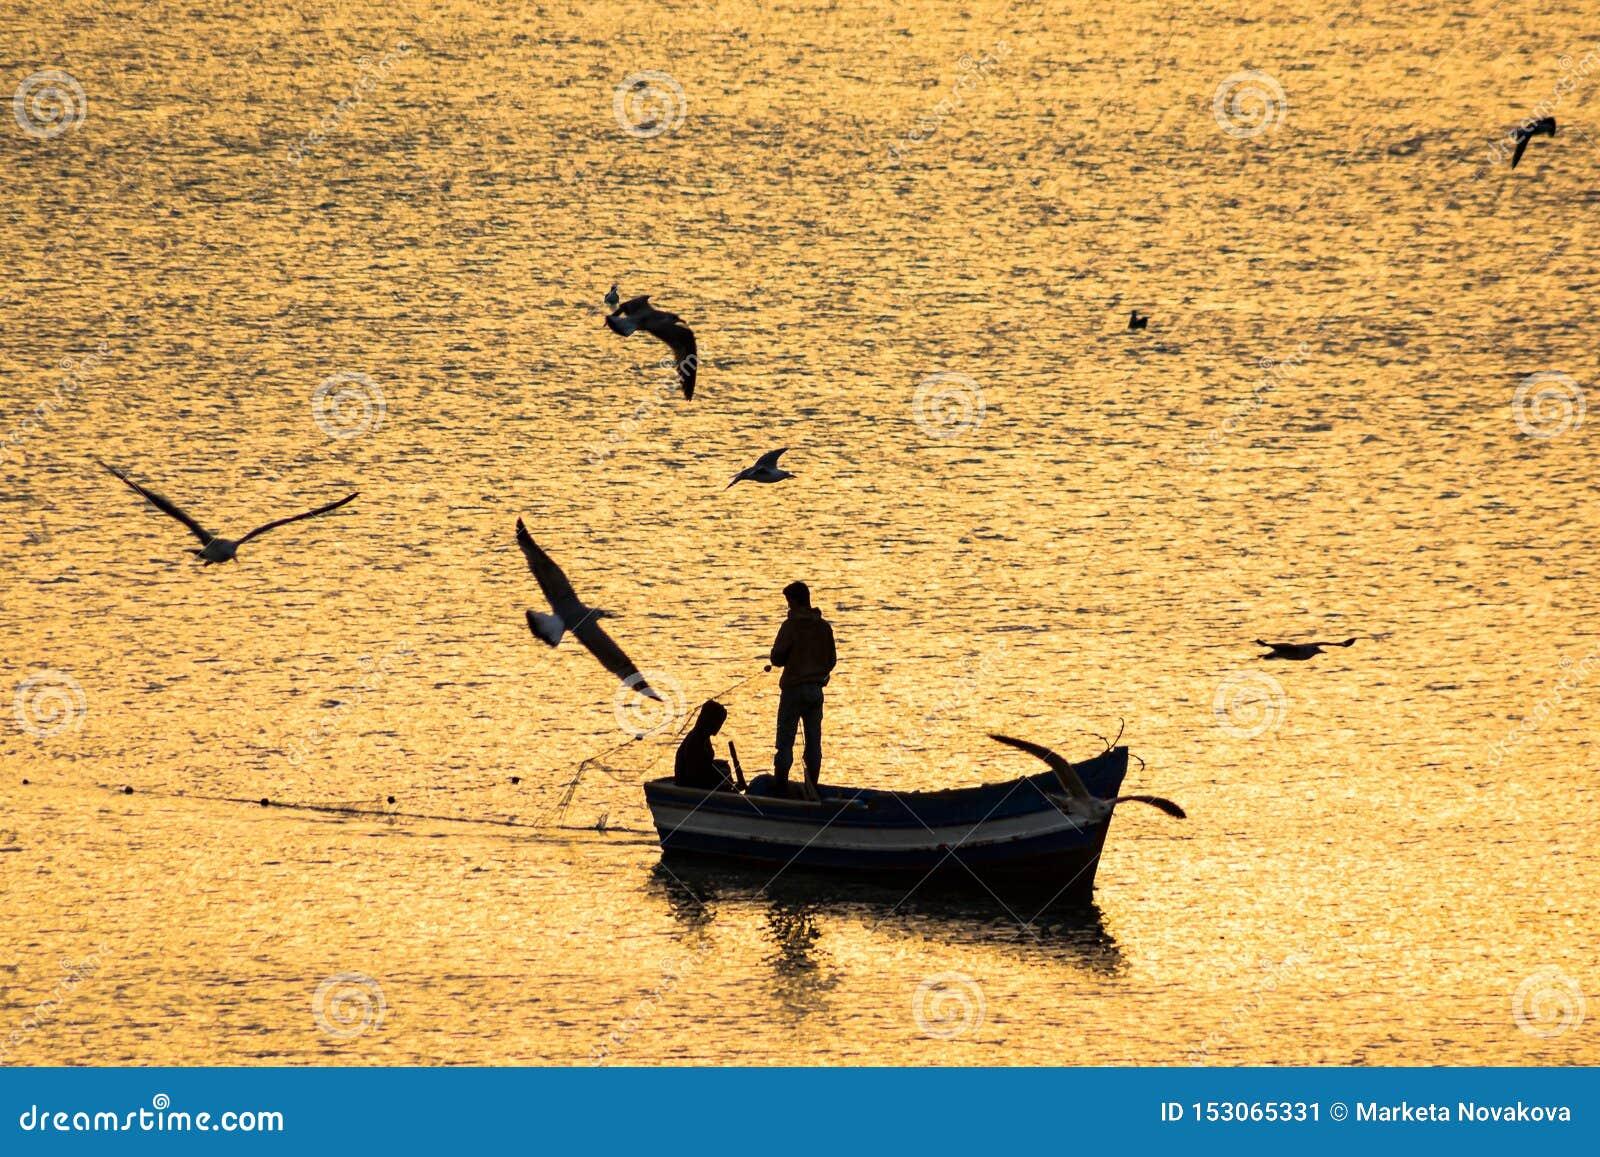 Schattenbild des Fischerbootes auf Mittelmeer während des Sonnenaufgangs in den goldenen Sonnenstrahlen in Marokko